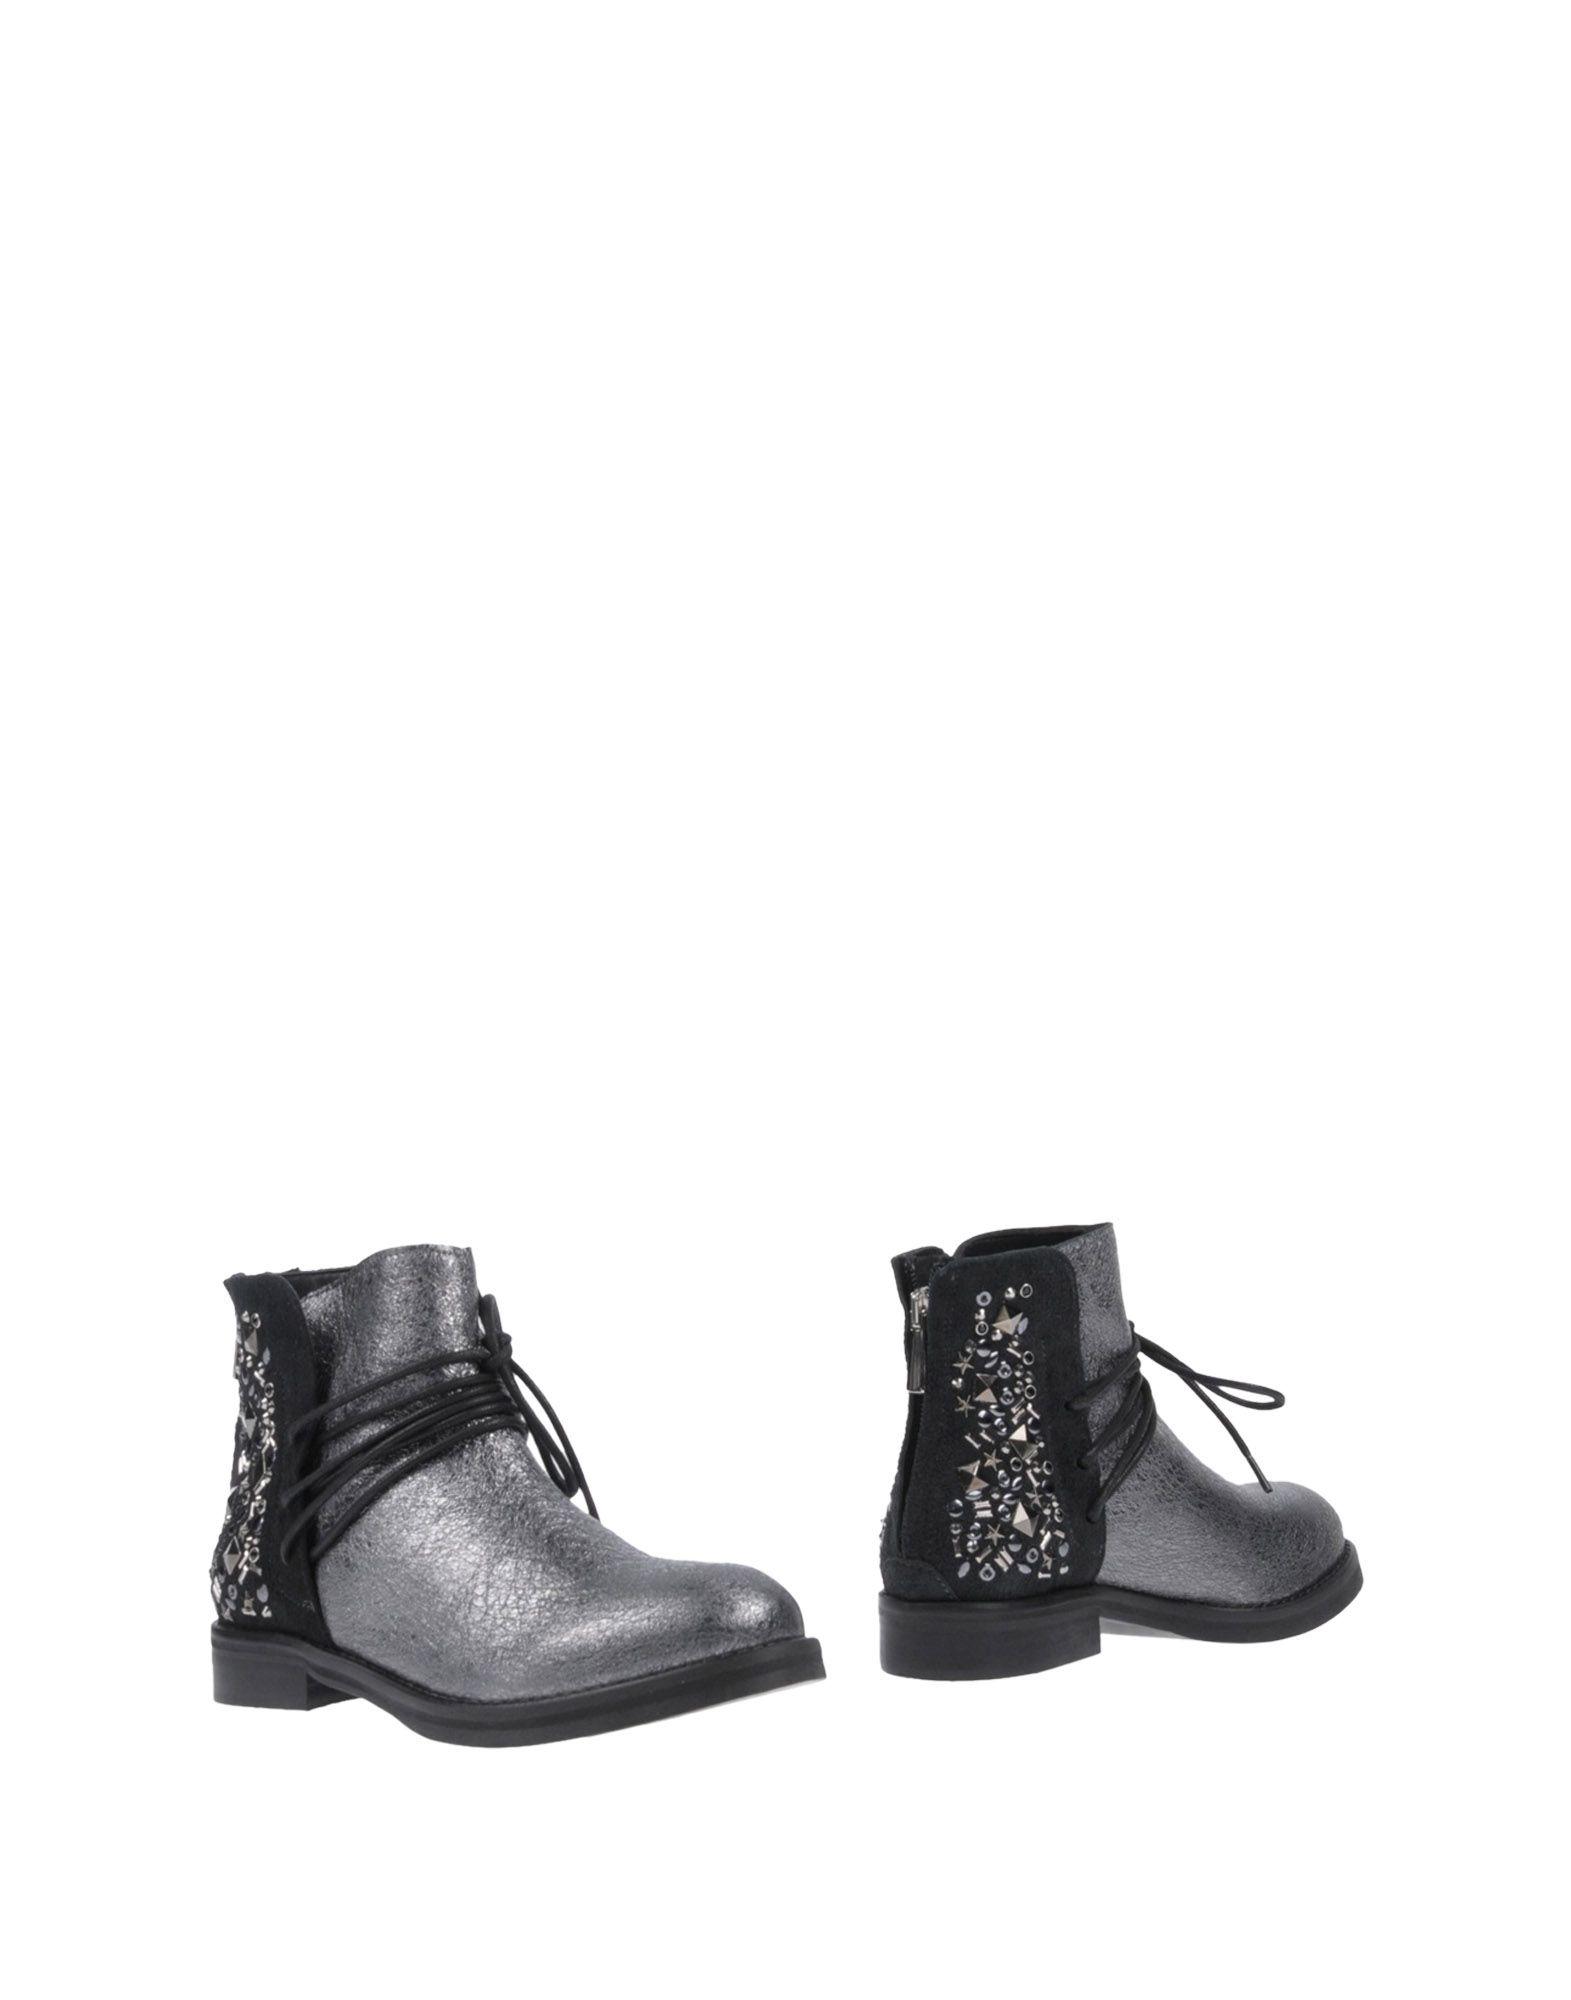 Charme Stiefelette Damen  11454238HD Gute Qualität beliebte Schuhe